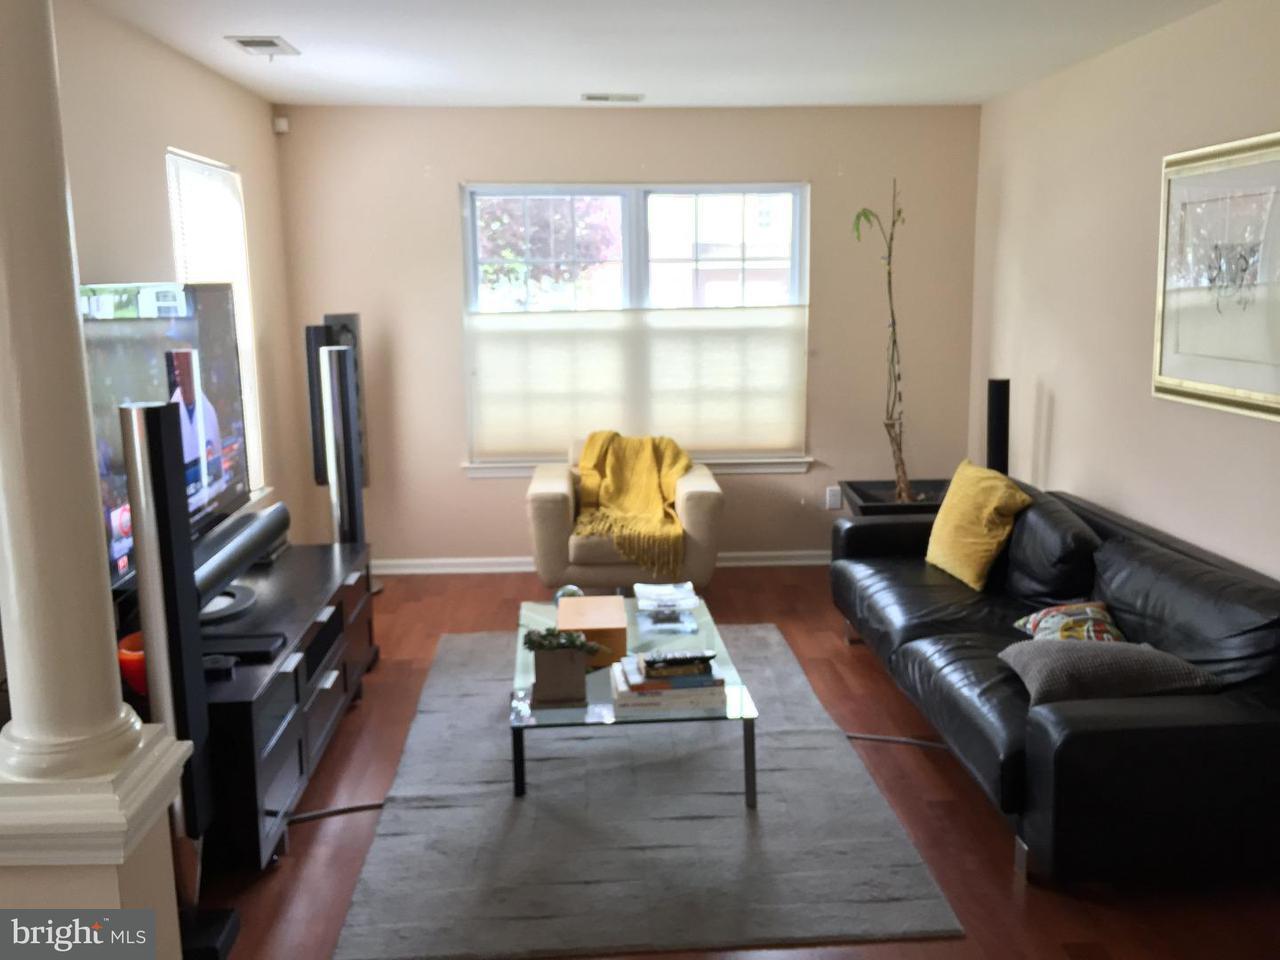 Appartement en copropriété pour l Vente à 272 FOUNTAYNE Lane Lawrenceville, New Jersey 08648 États-UnisDans/Autour: Lawrence Township